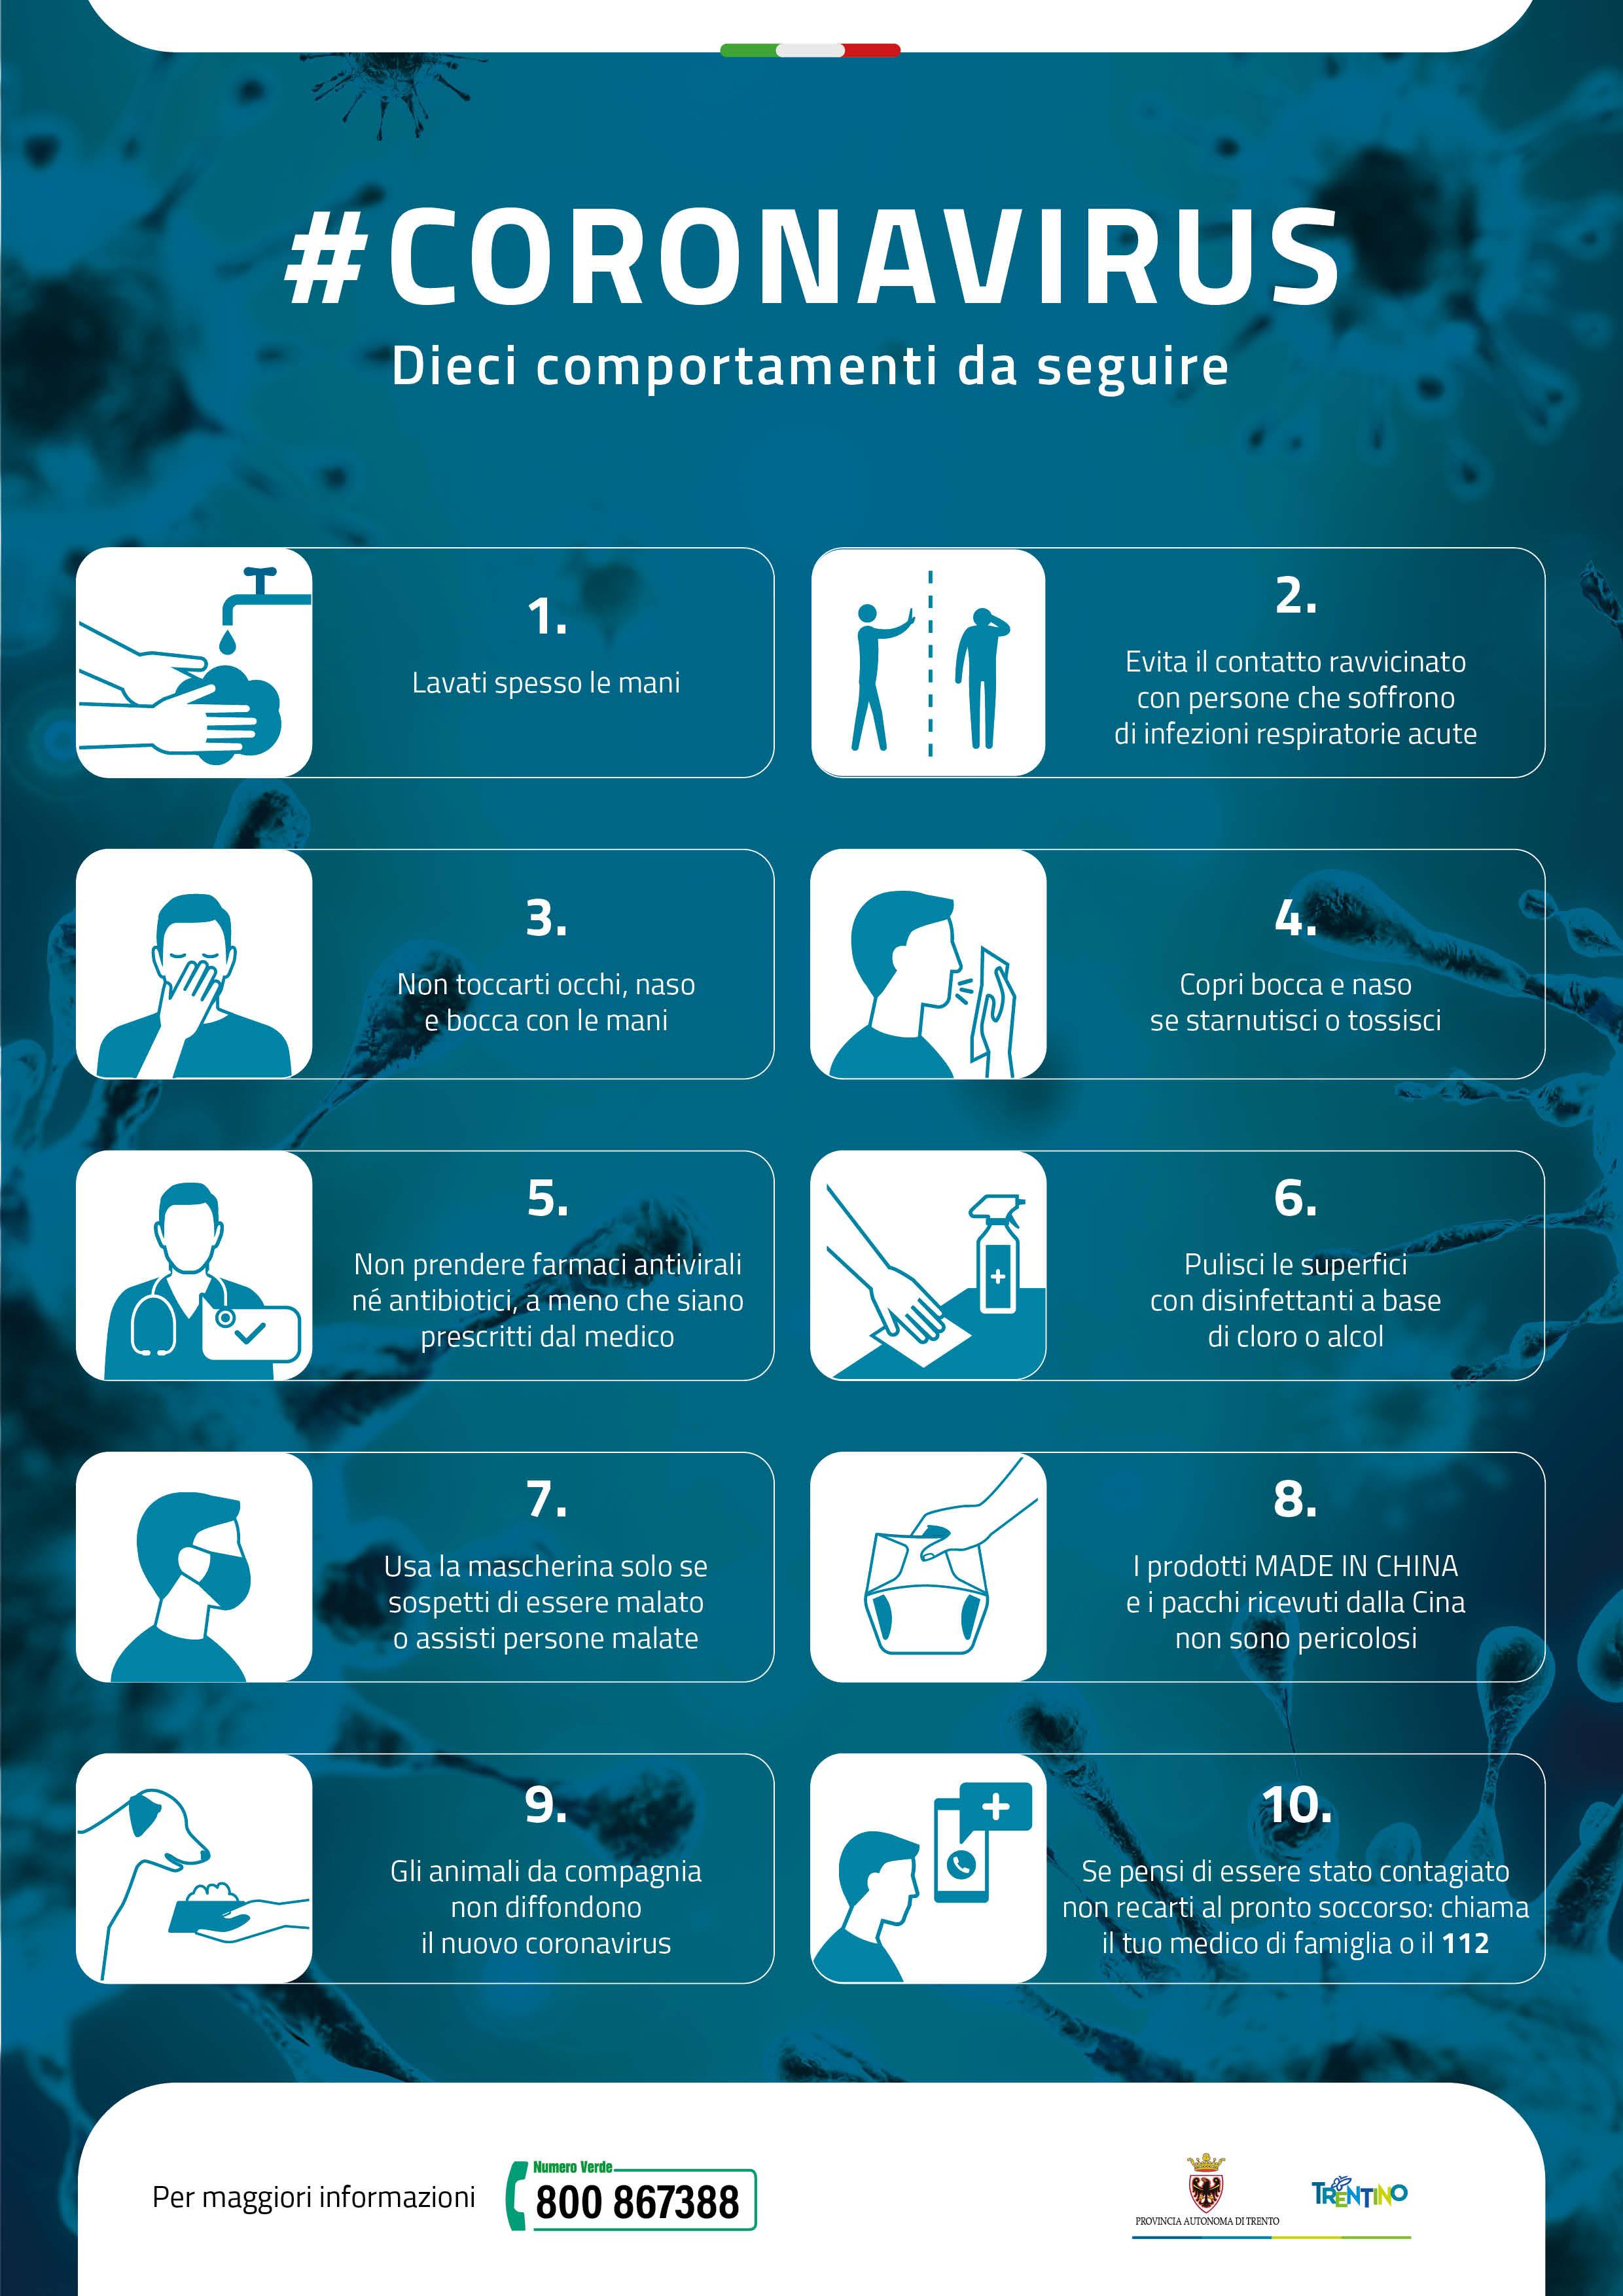 Coronavirus Il Decalogo In Italiano Tedesco E Inglese